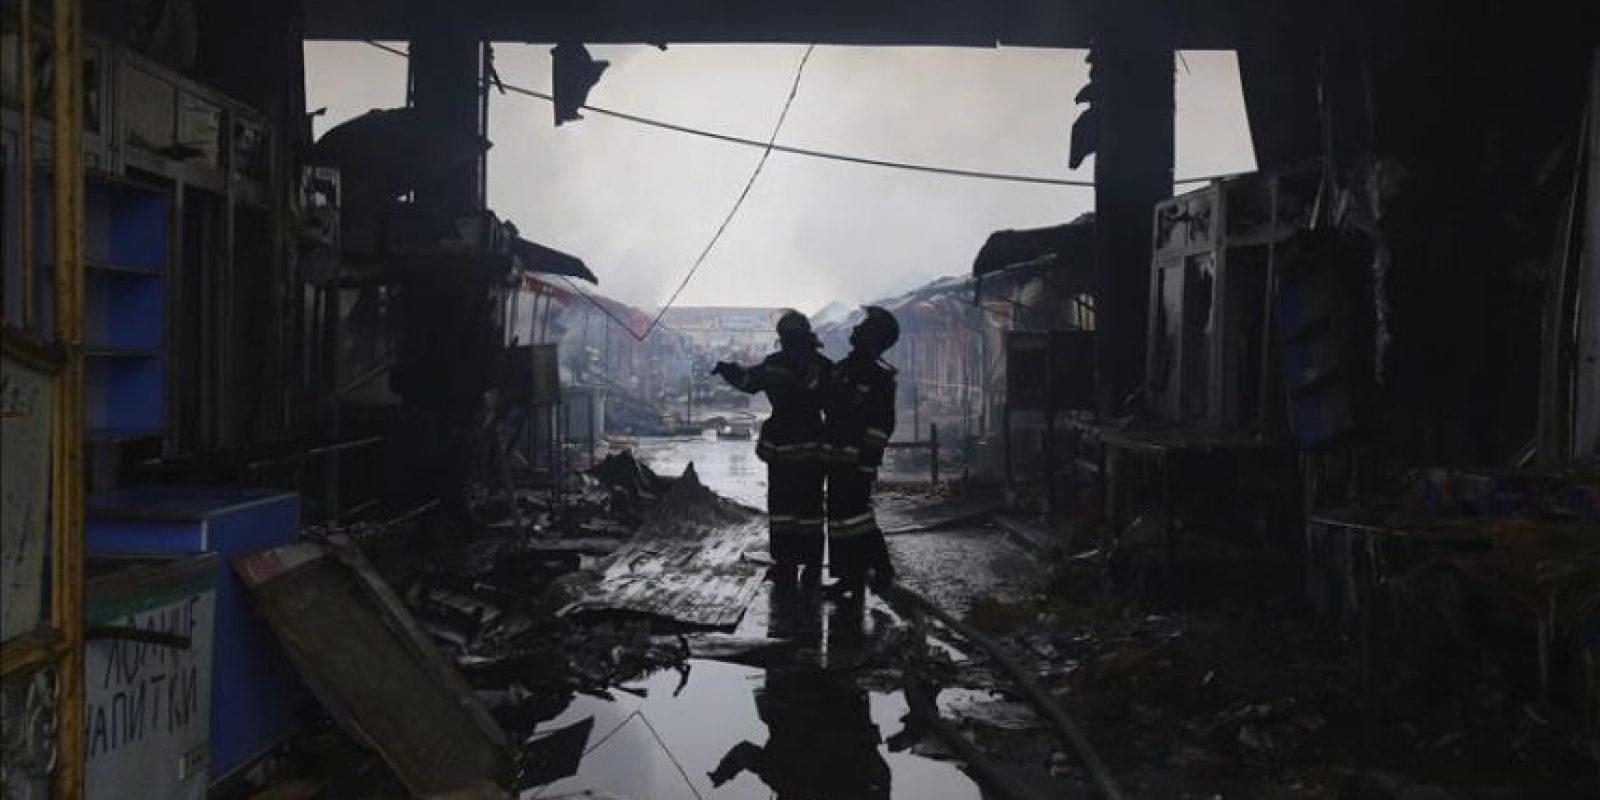 Dos bomberos inspeccionan los daños en un mercado que ardió tras un atentado terrorista en Grozni, la capital de Chechenia, en el Cáucaso. EFE